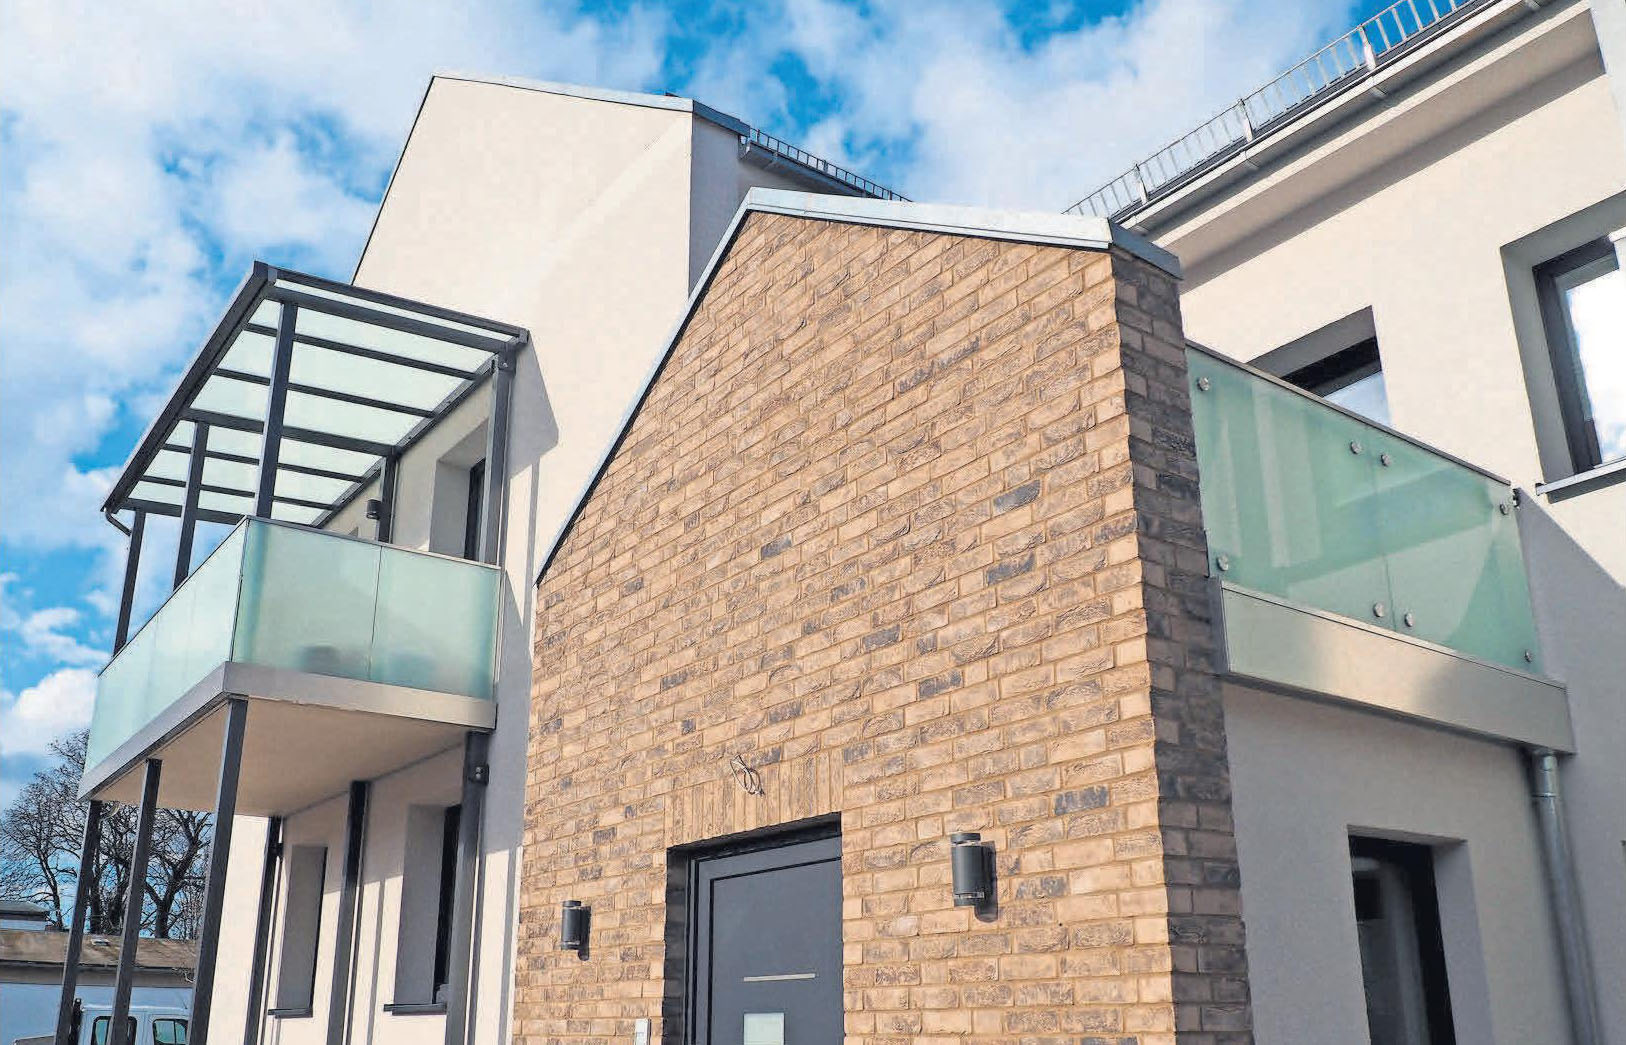 Das sanierte Wohn- und Geschäftshaus in der Paracelsusstraße bietet viel Raum für die wachsende Rotter Immobilien-Verwaltung.